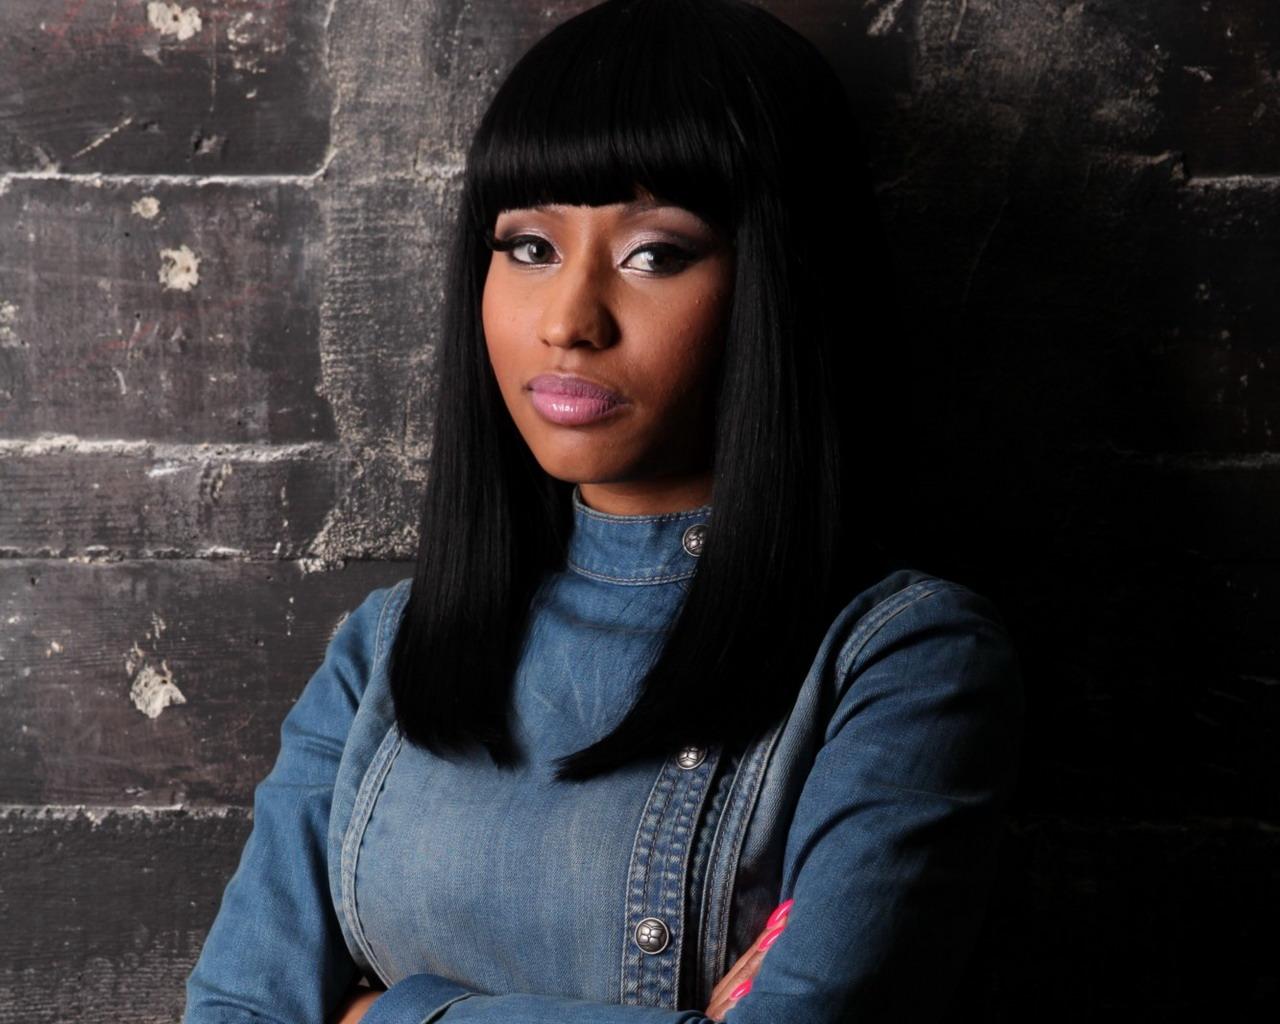 http://3.bp.blogspot.com/-rUWyU0s2dPM/T9ISxcCNfaI/AAAAAAAABlA/N5juUPltXSM/s1600/Nicki+Minaj+wallpapers+6.jpg